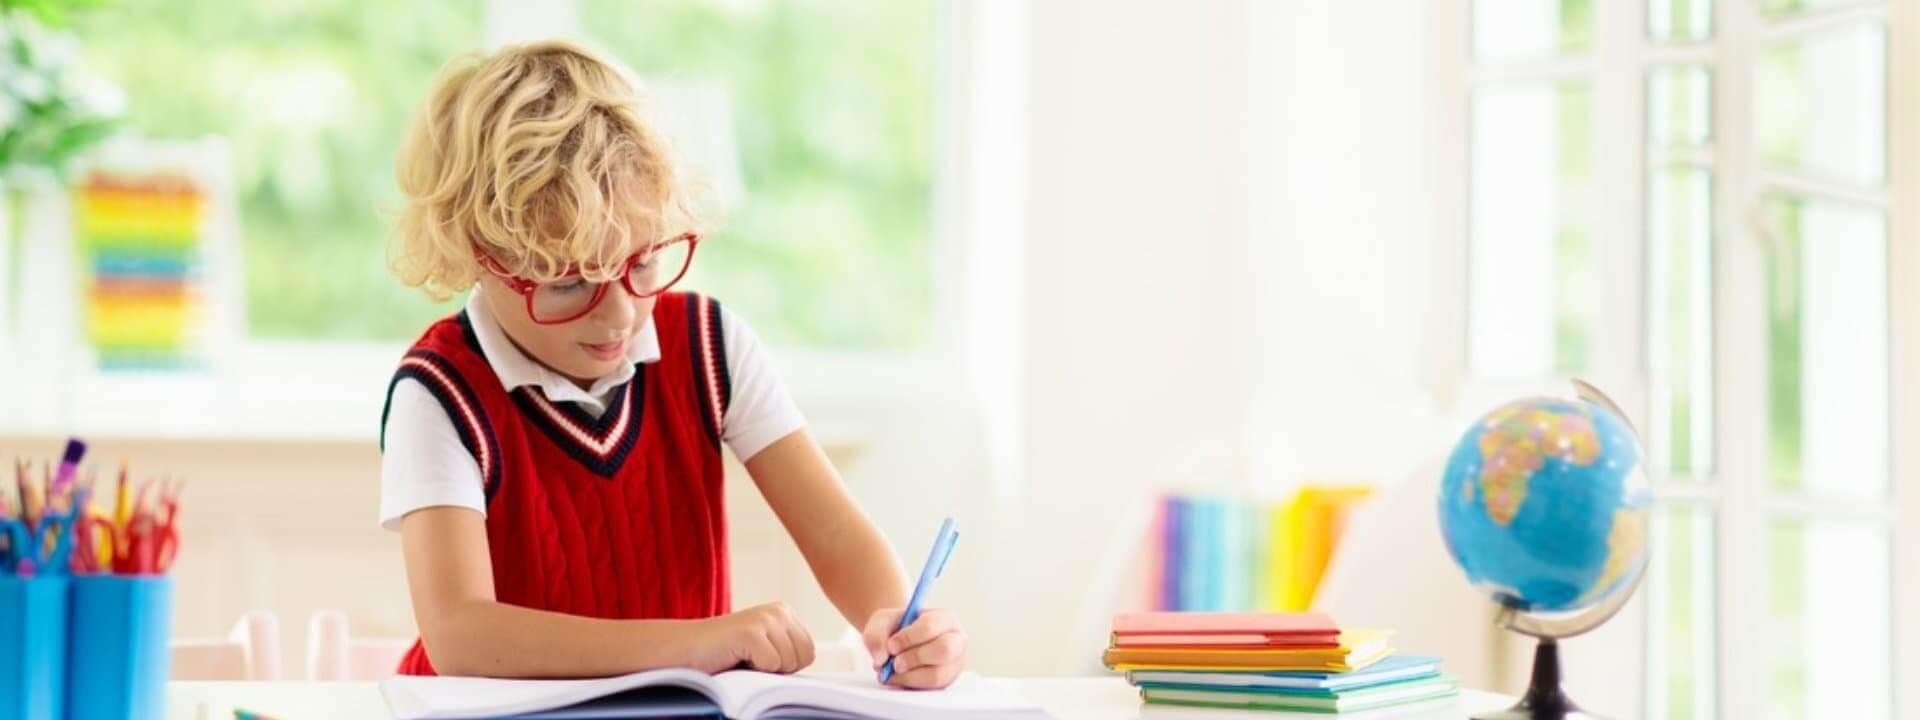 kid in eyeglasses writing